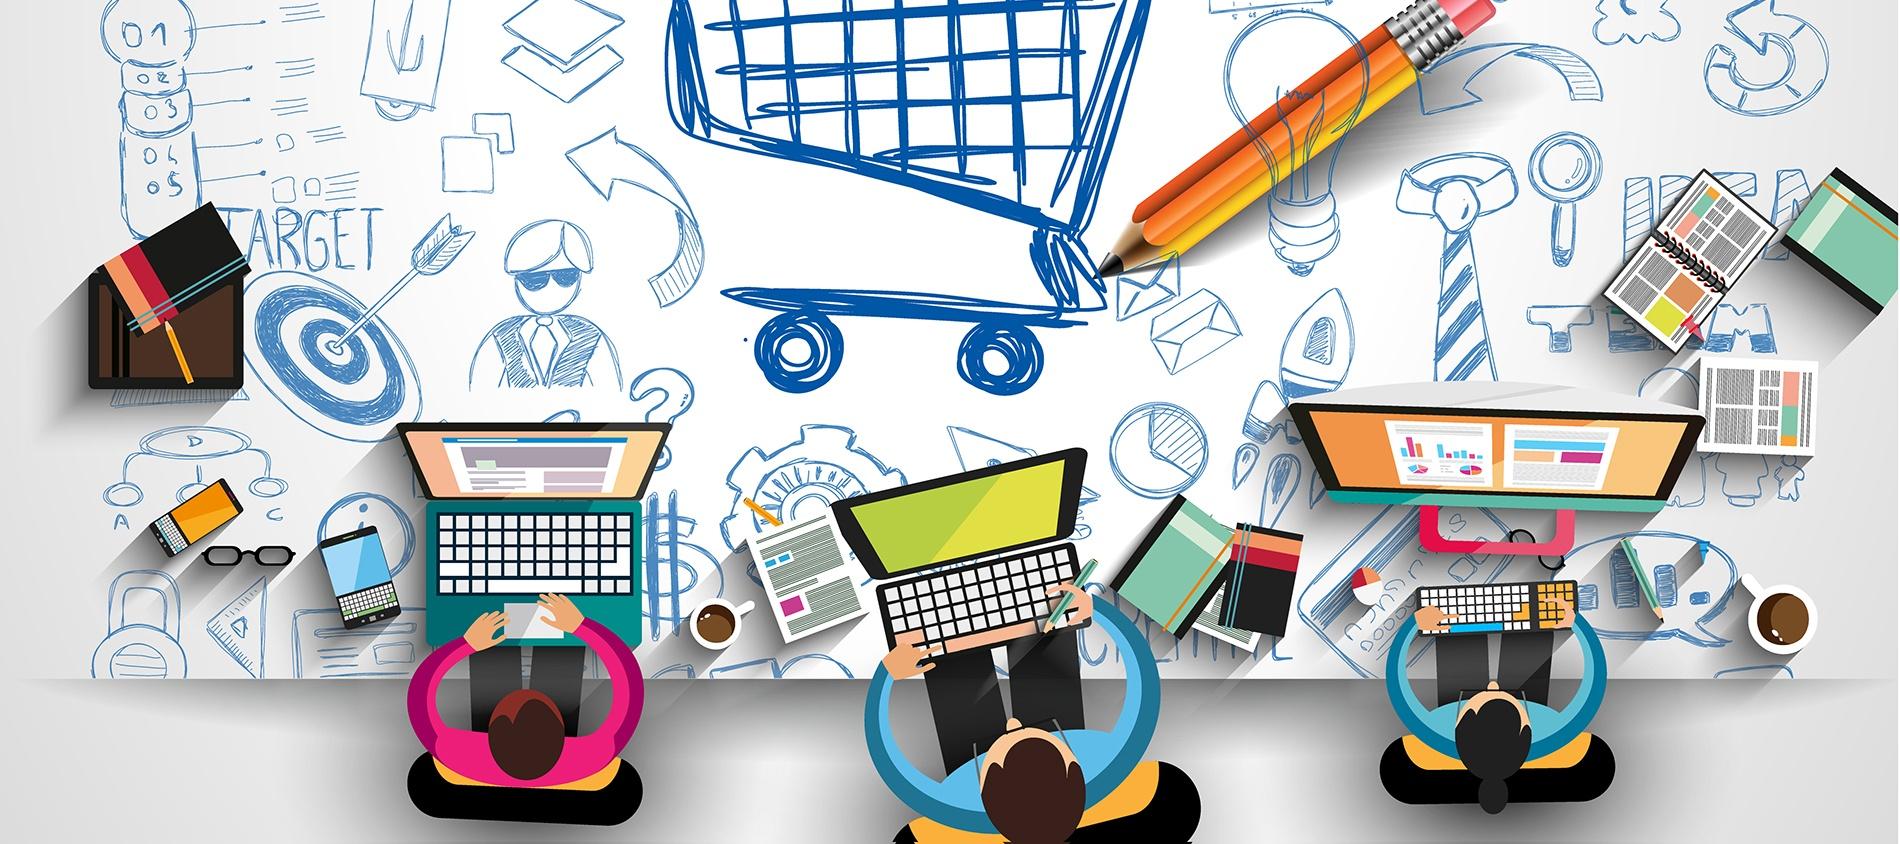 Cómo incrementar las ventas por Internet